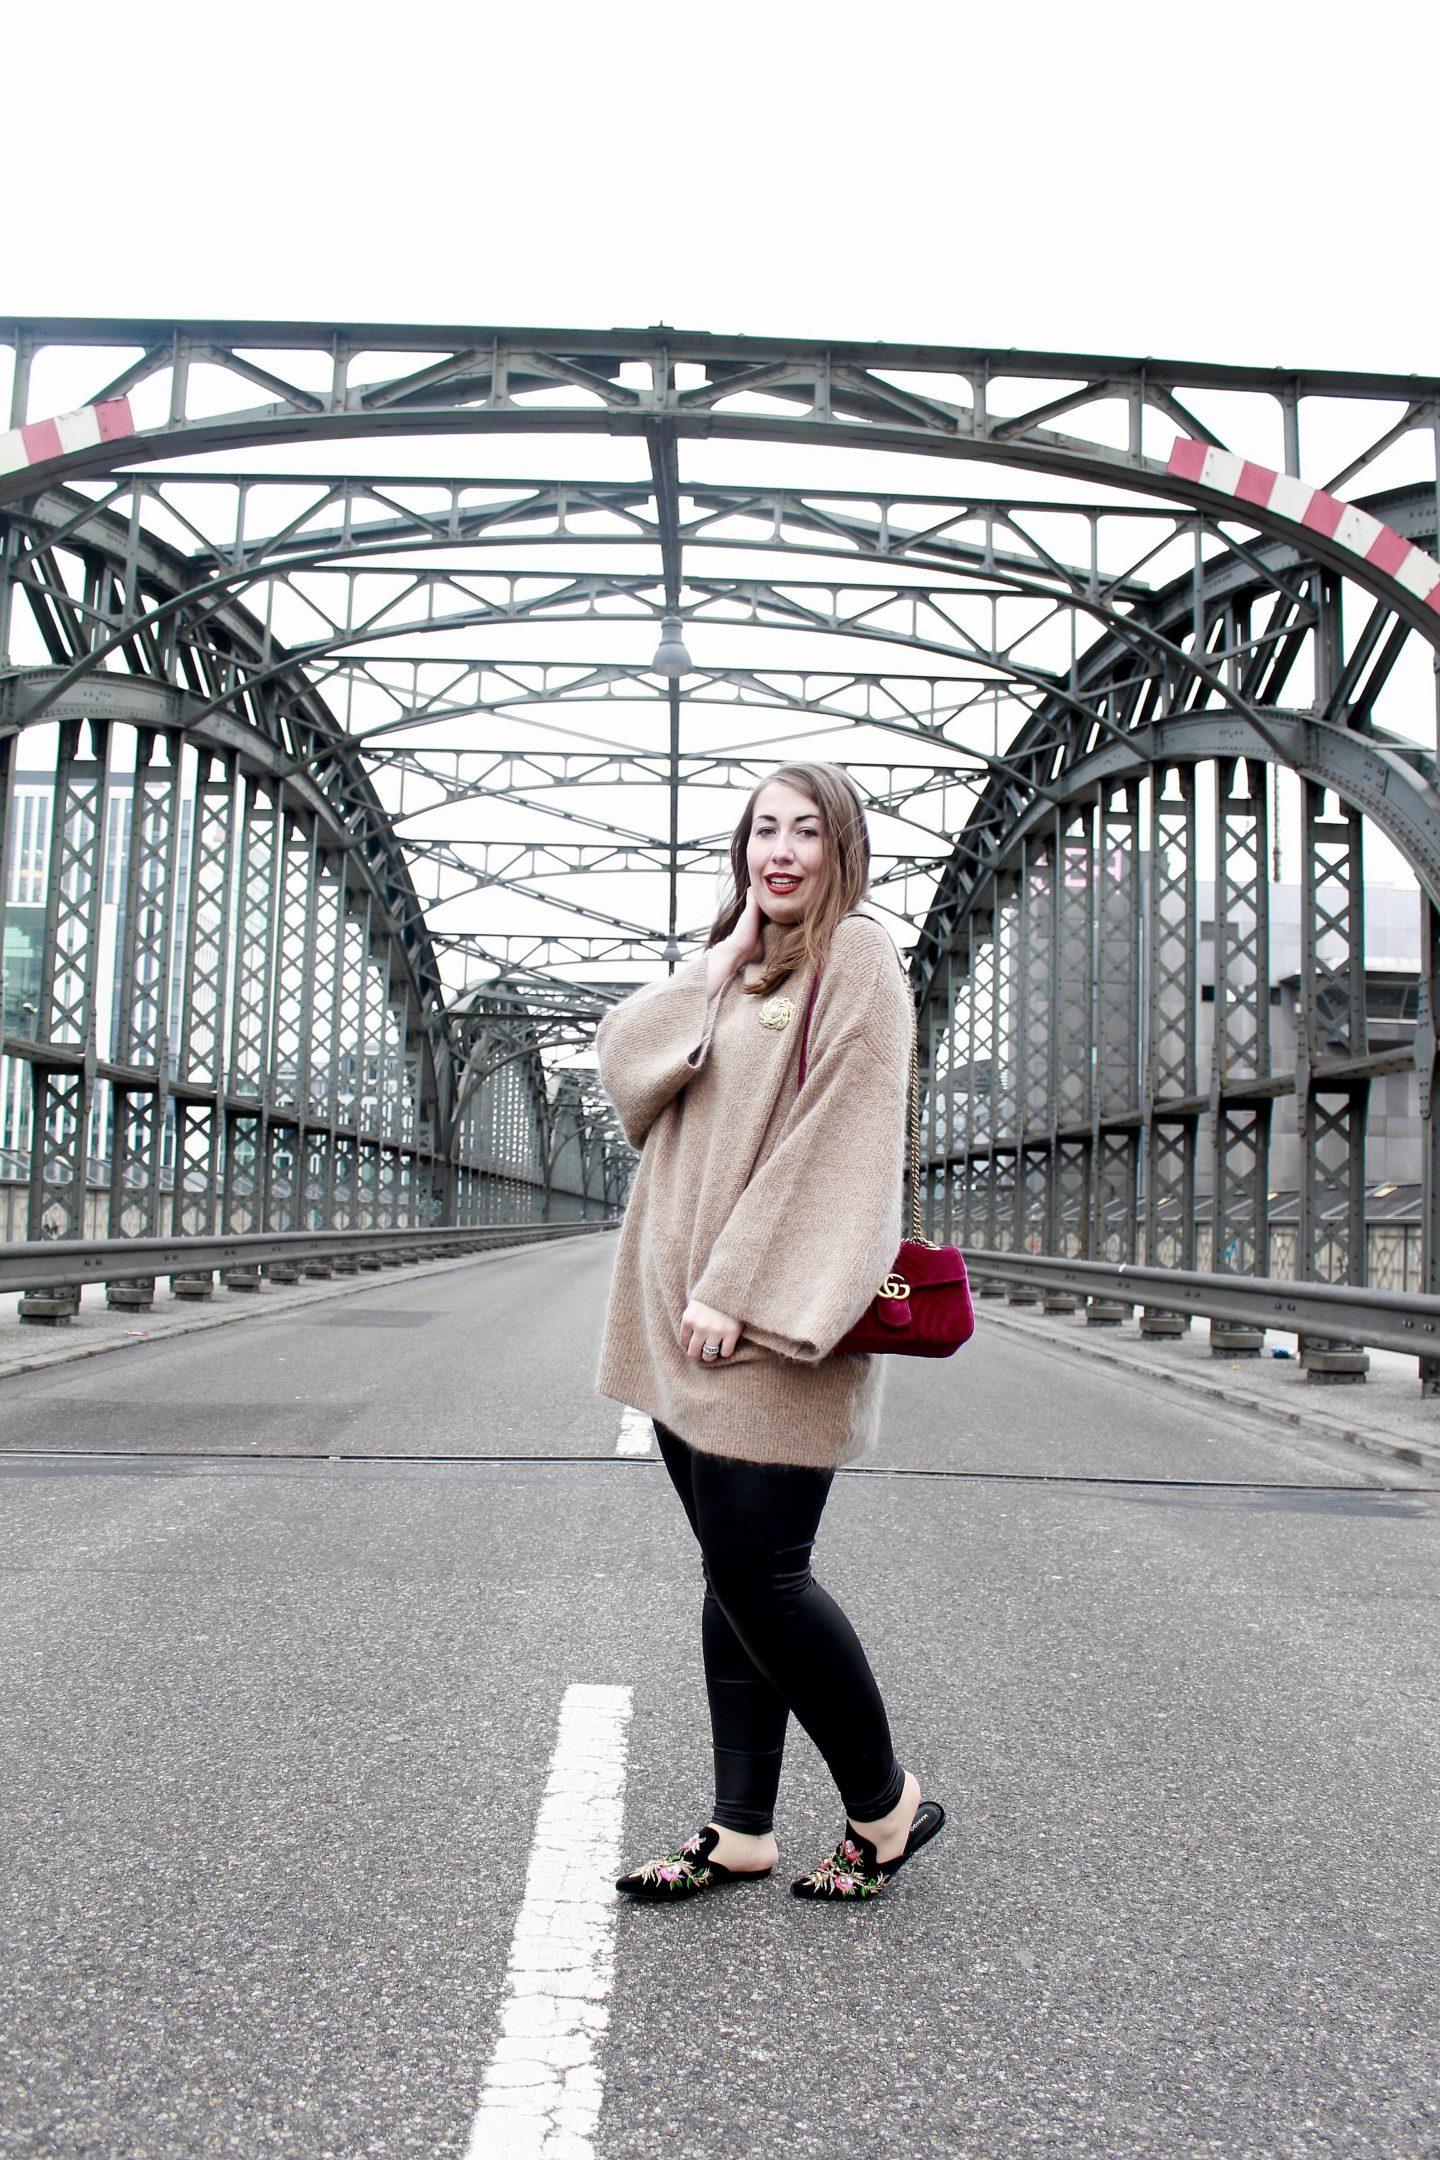 miss-suzie-loves-gucci-marmont-velvet-tasche-brosche-hm-mohair-pullover-hackerbrücke